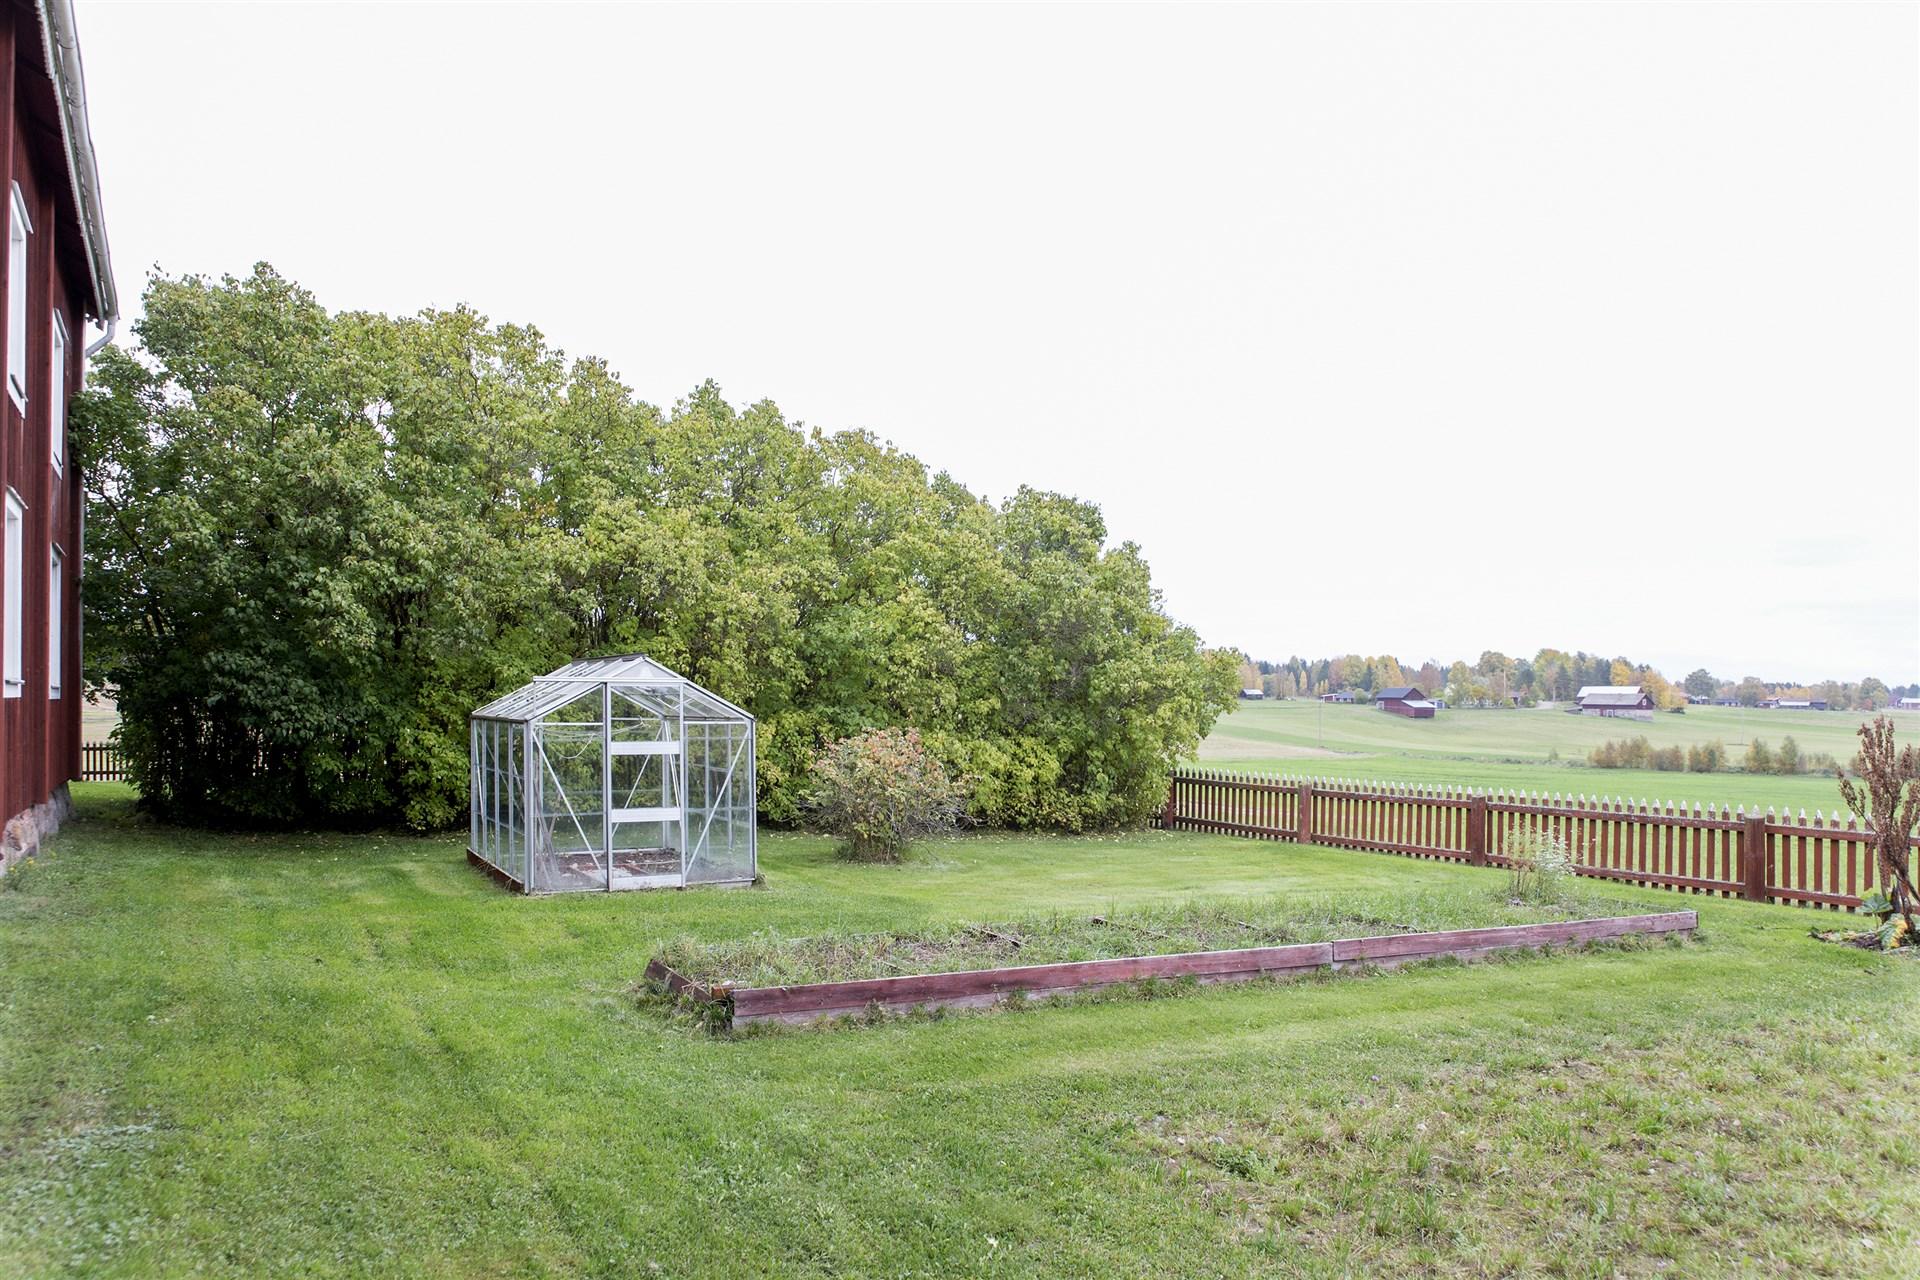 Odlingsmöjligheter i växthus och i land